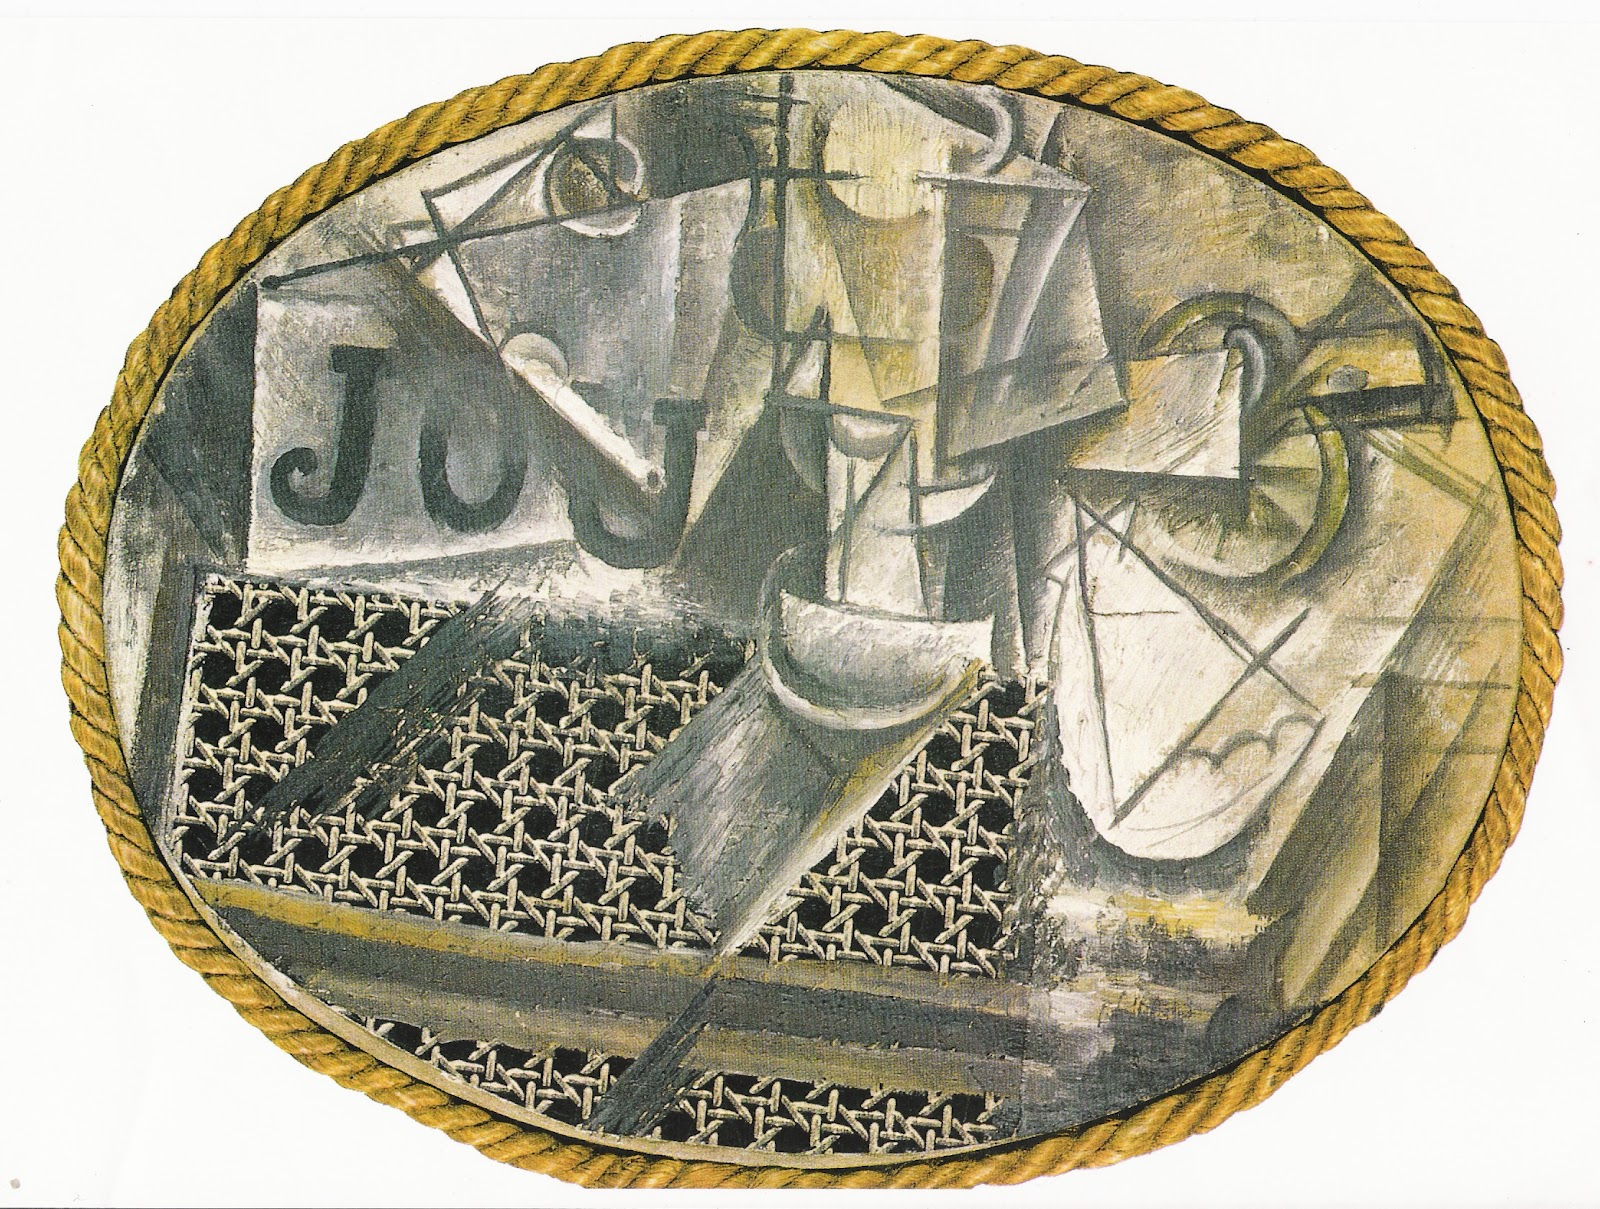 Historia del arte picasso - Picasso nature morte a la chaise cannee ...